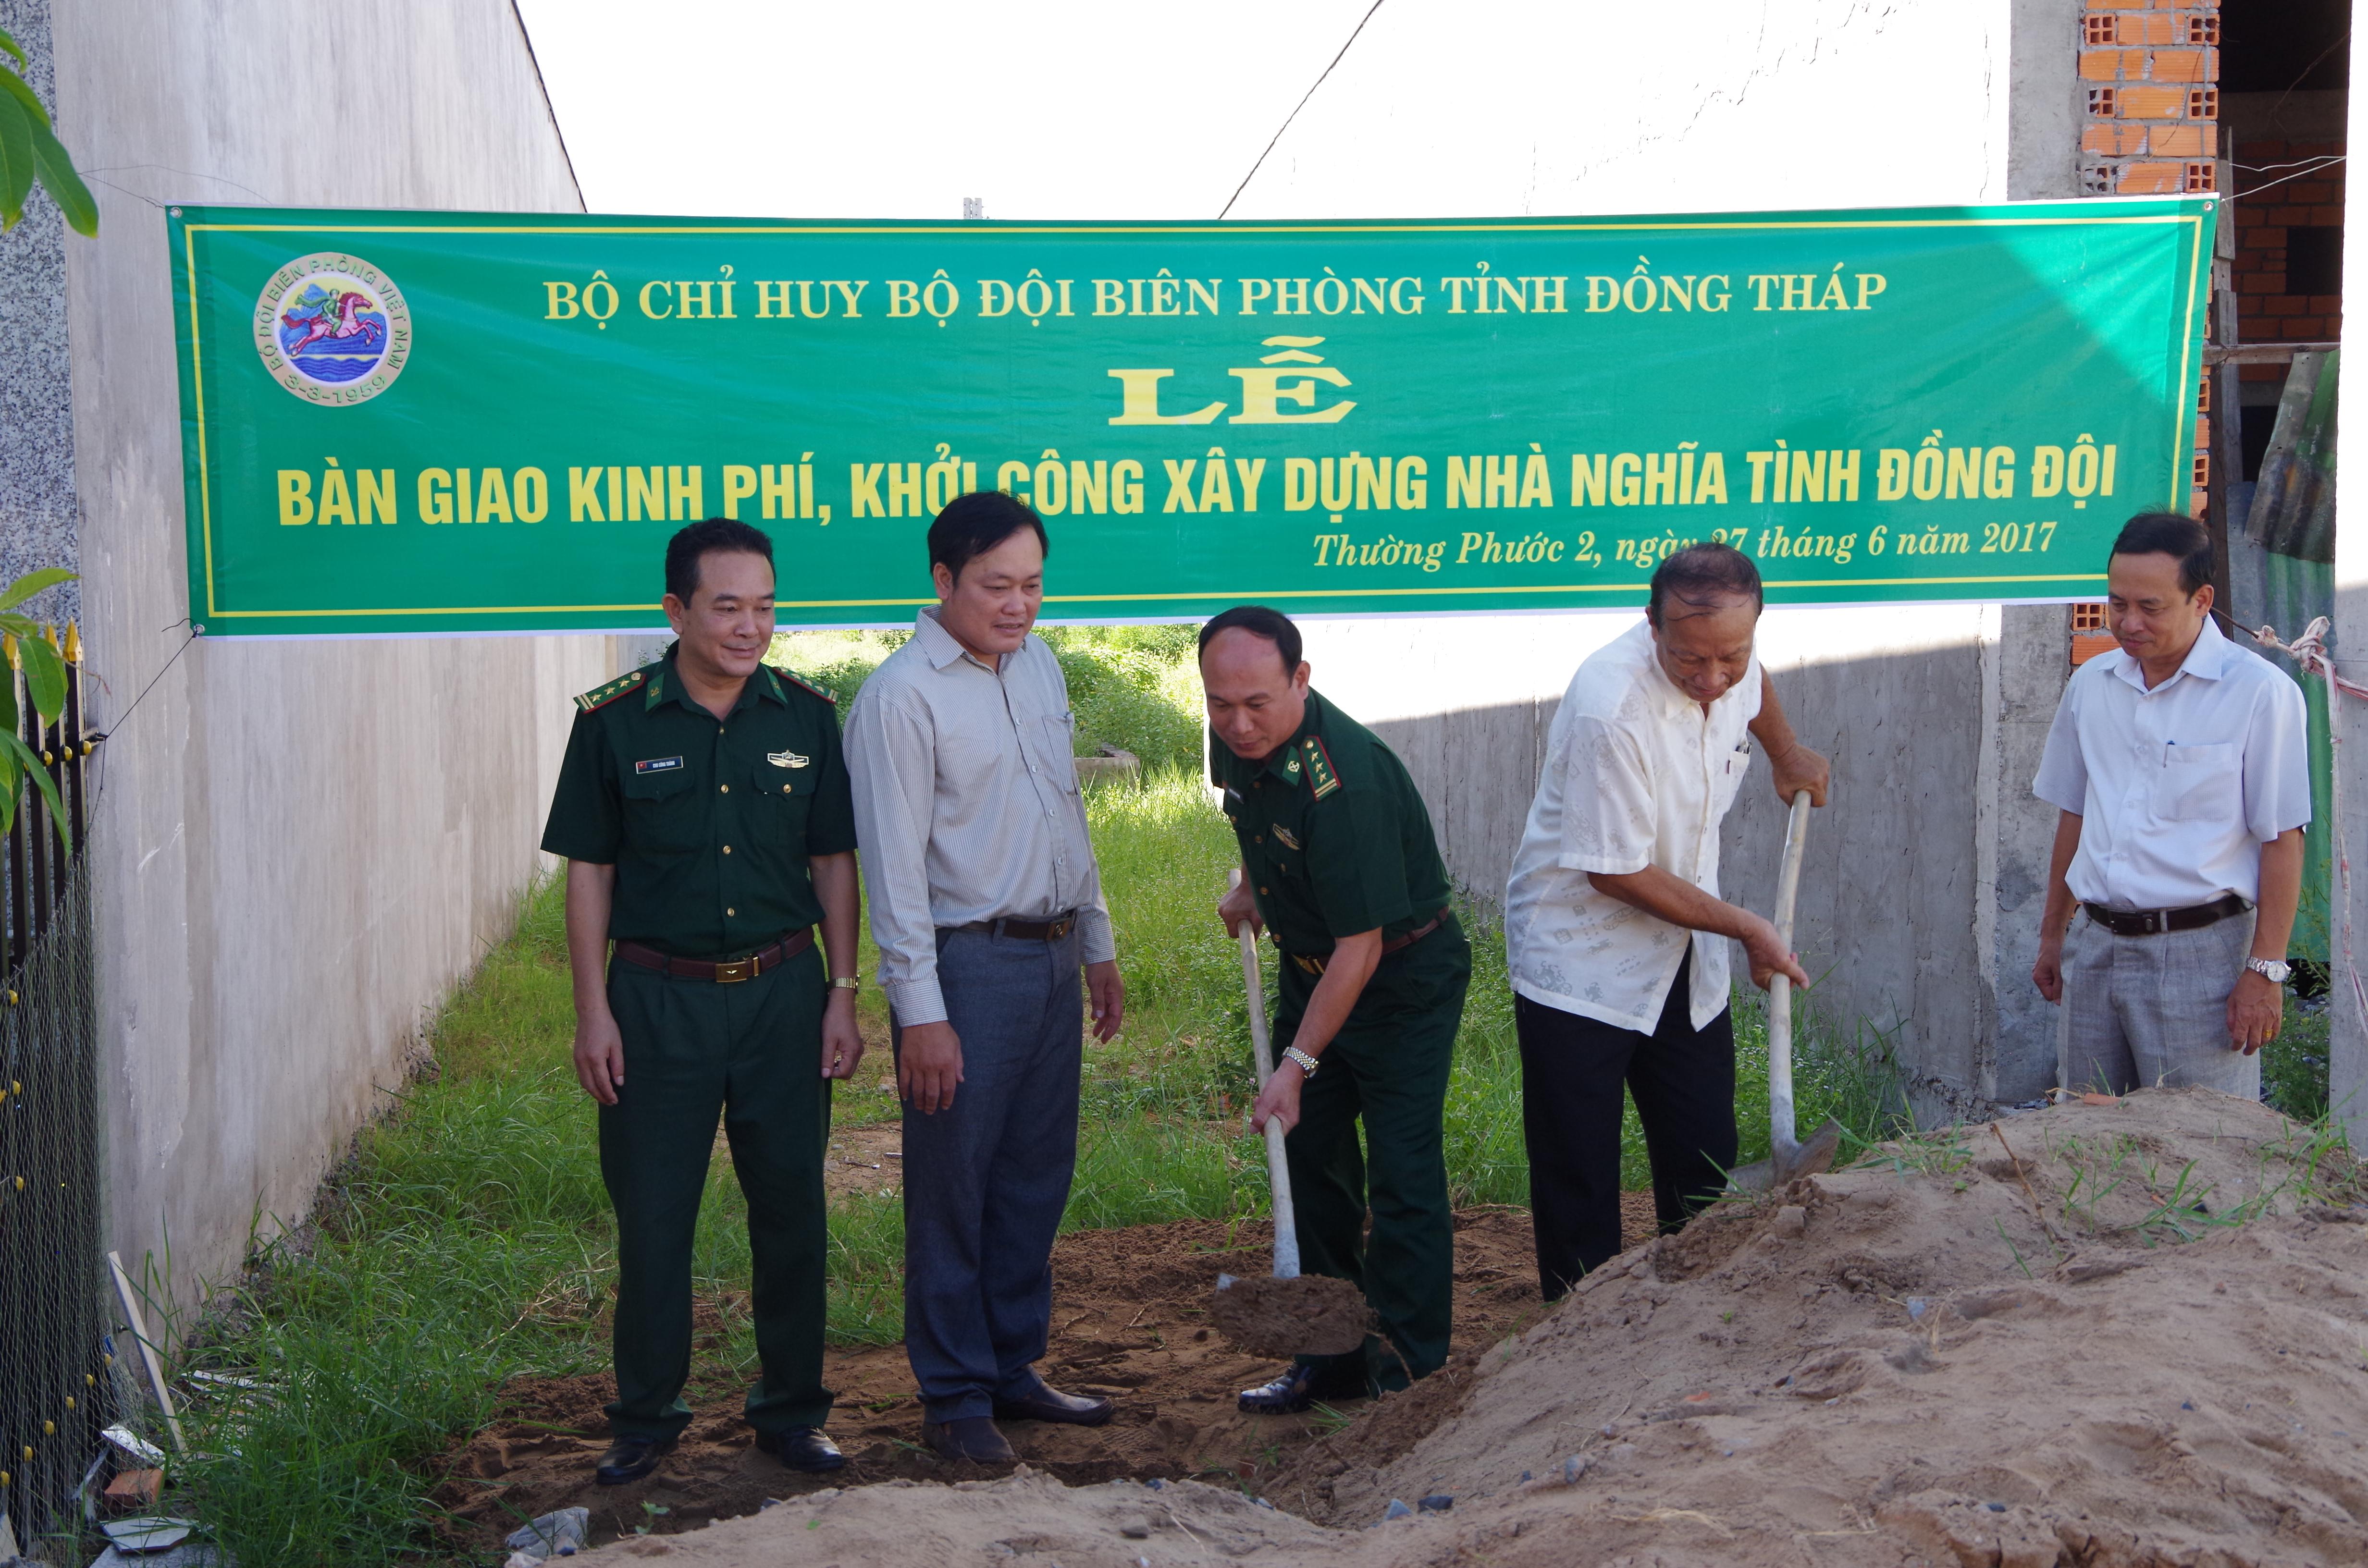 BĐBP Đồng Tháp: Khởi công xây dựng nhà quotNghĩa tình đồng độiquot